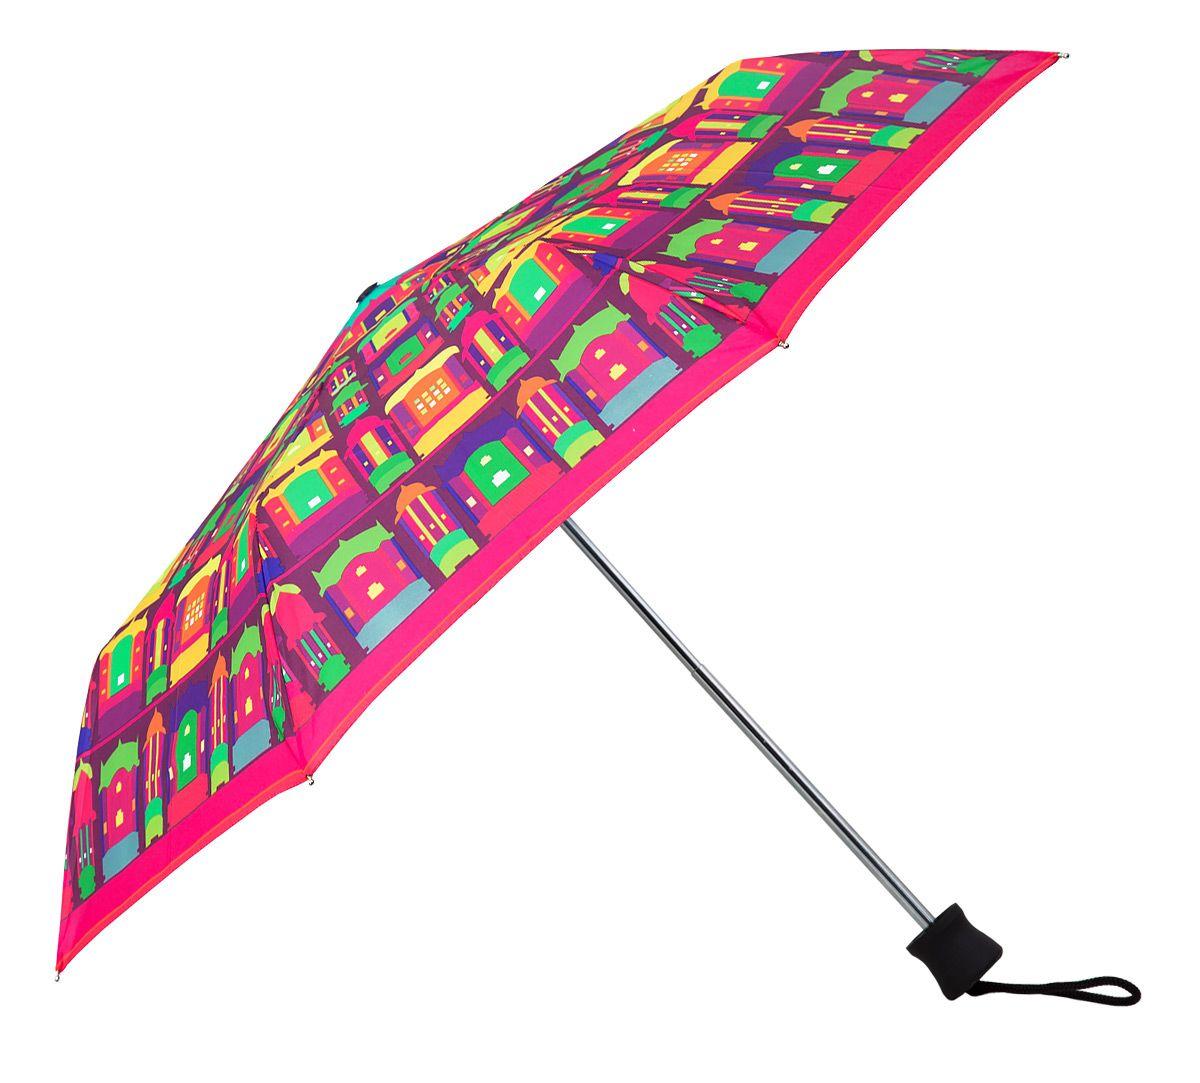 Palatial Illusions 3 Fold Umbrella   Rainy Umbrella